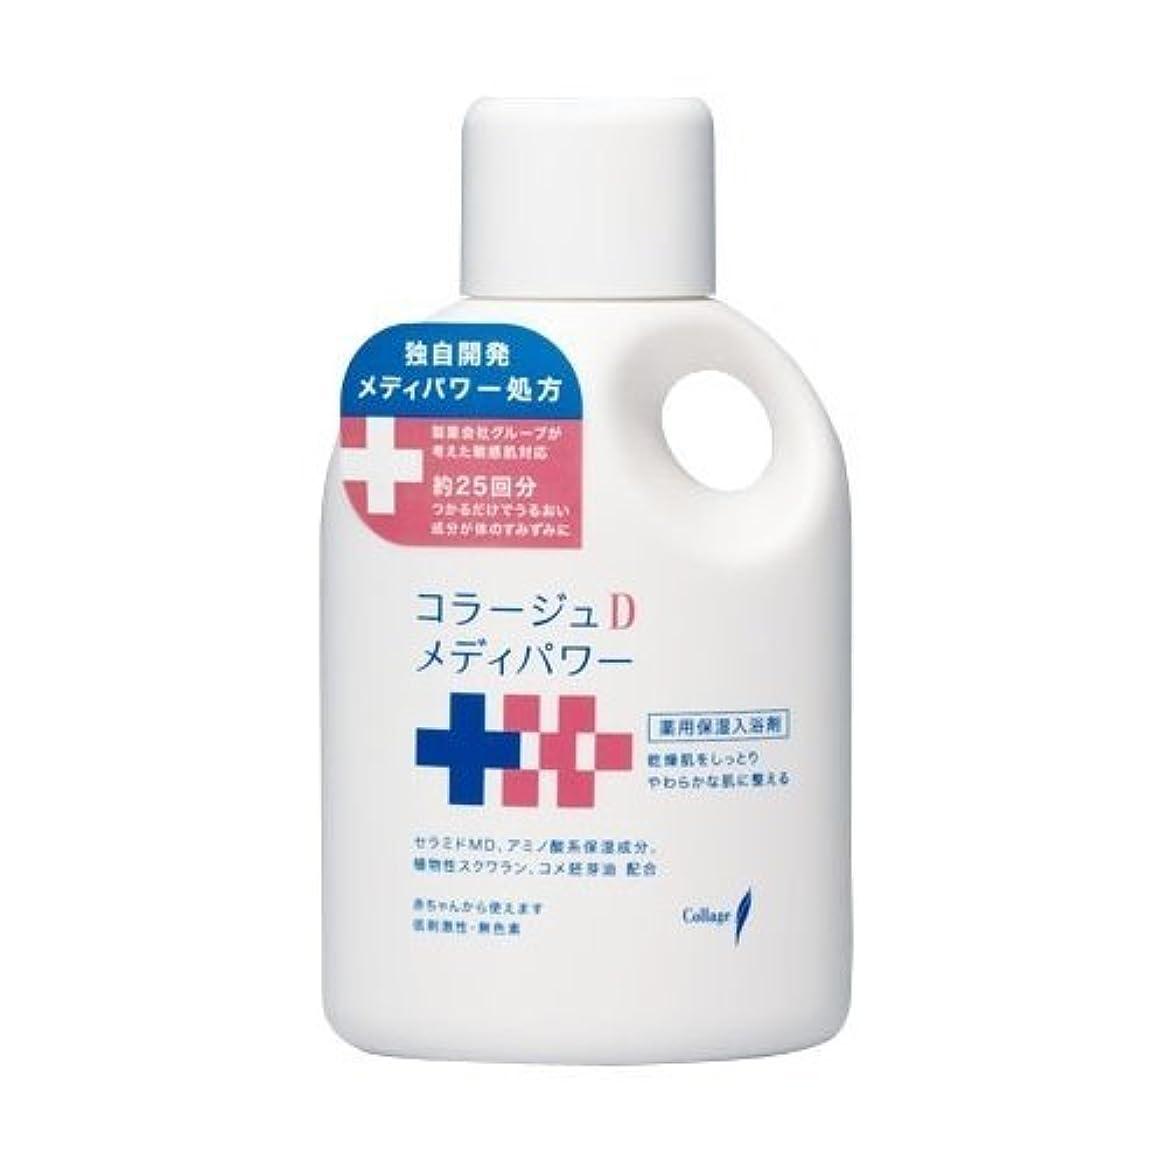 月曜ダルセットラップコラージュ Dメディパワー 保湿入浴剤 500mL (医薬部外品)